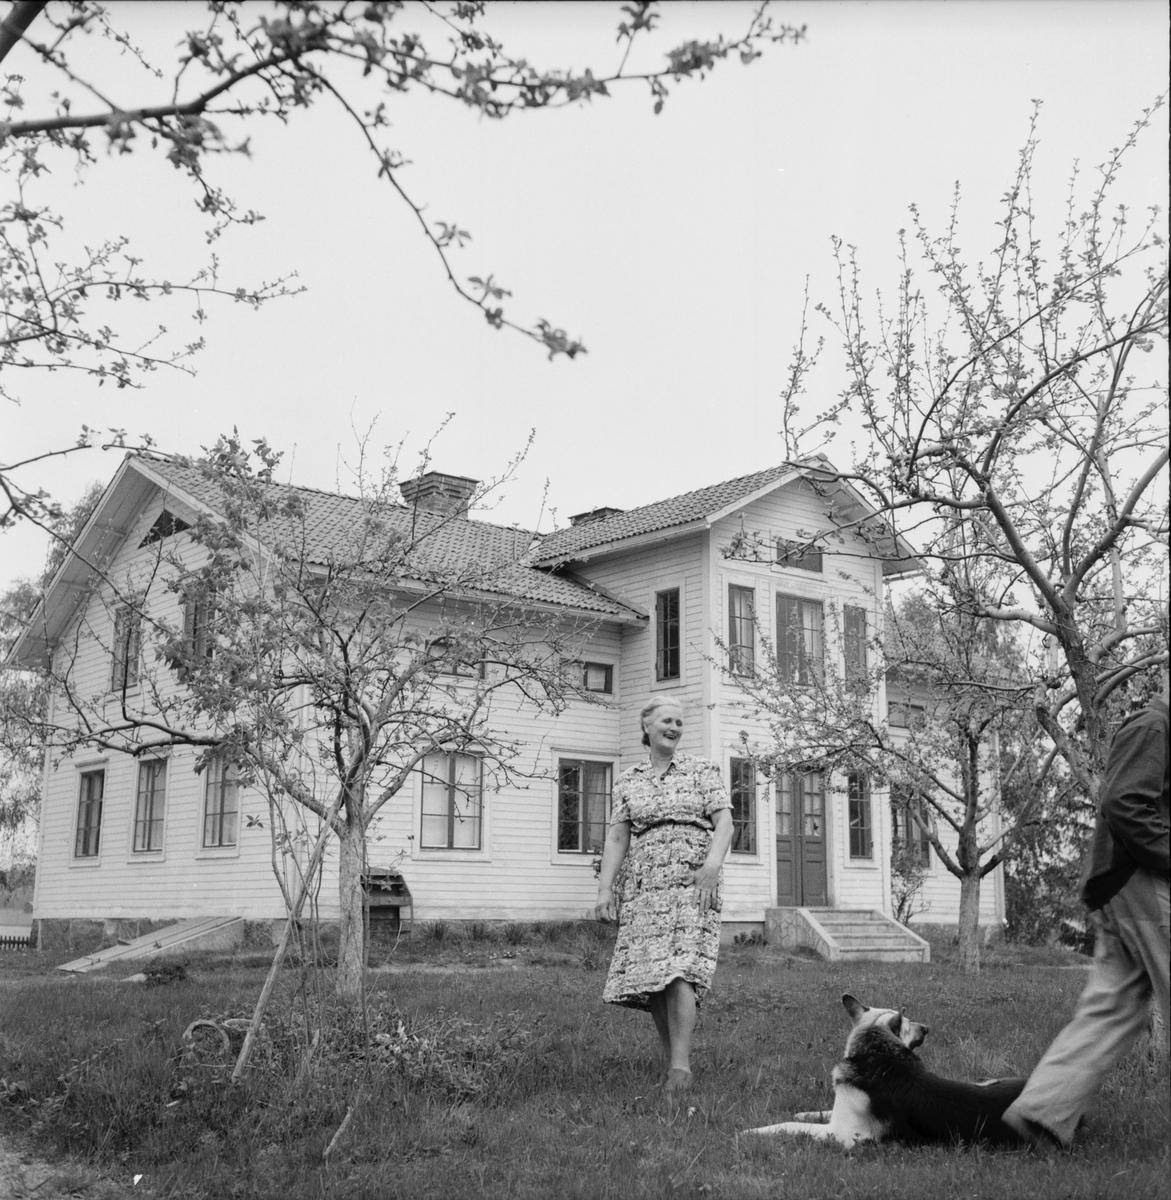 Krister Kristofferson Röste. Reser till Canada 1/6 1956.